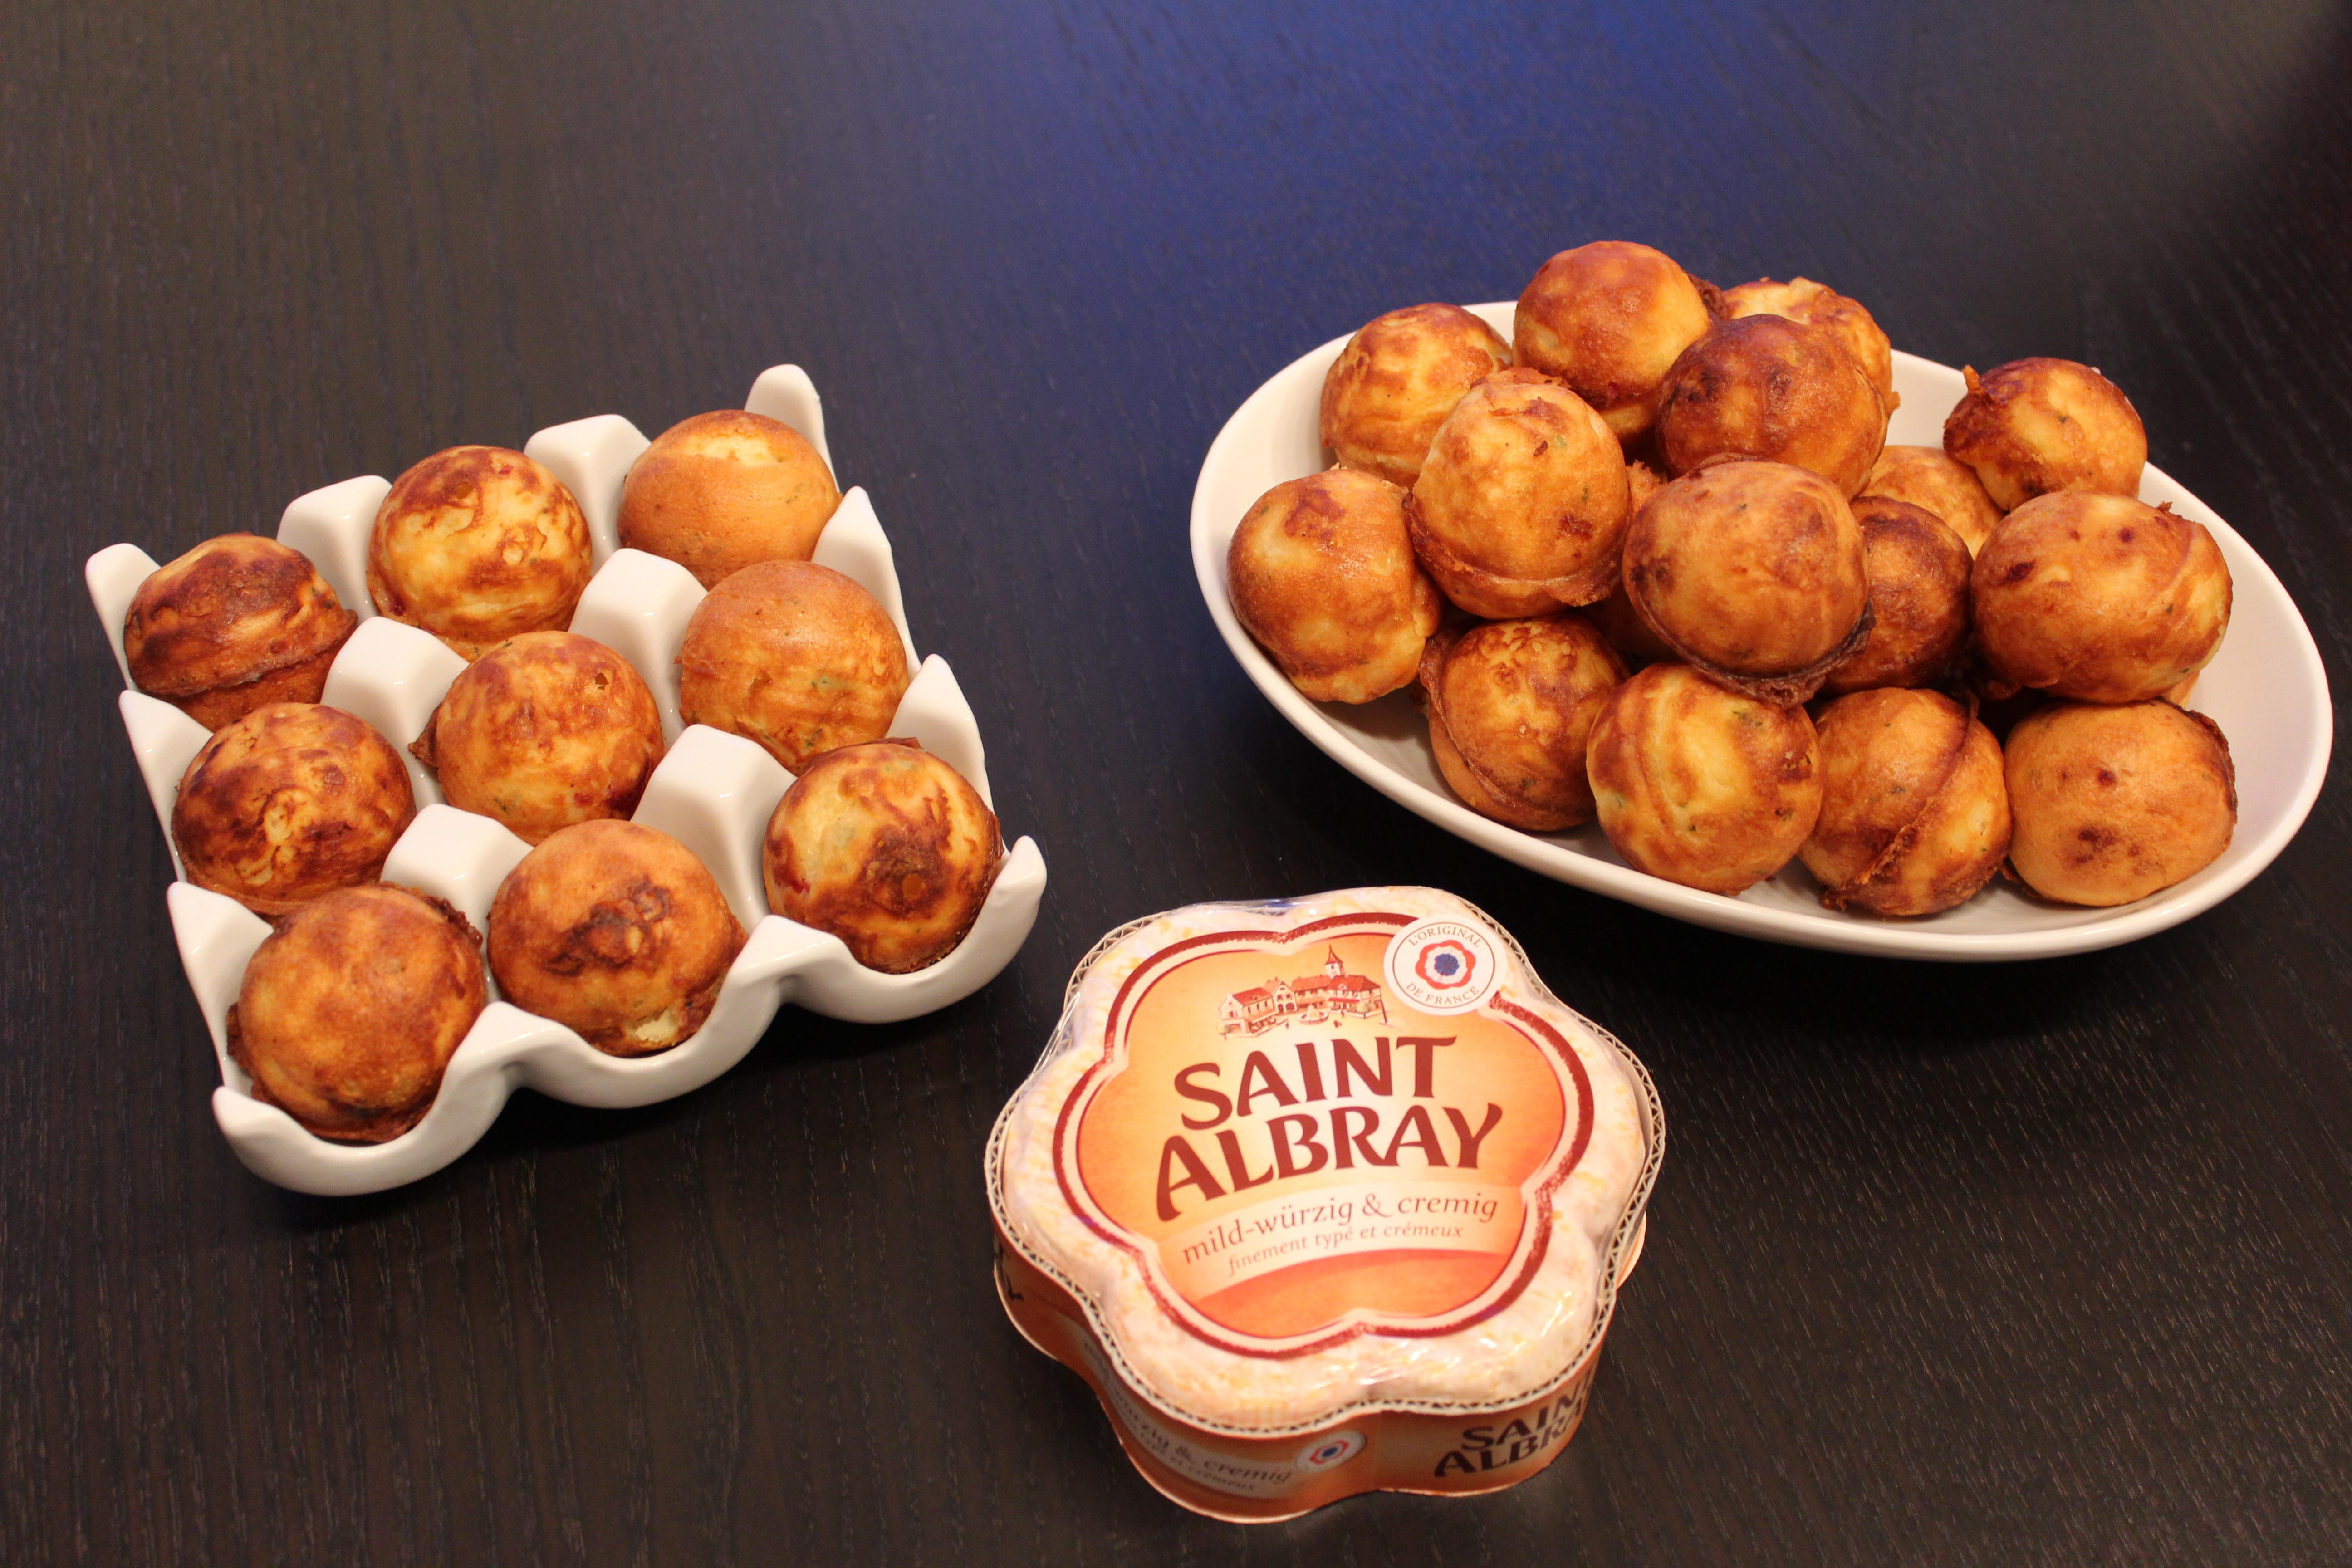 leckeres mit camembert und das trnd projekt mit dem saint albray muffin queen. Black Bedroom Furniture Sets. Home Design Ideas